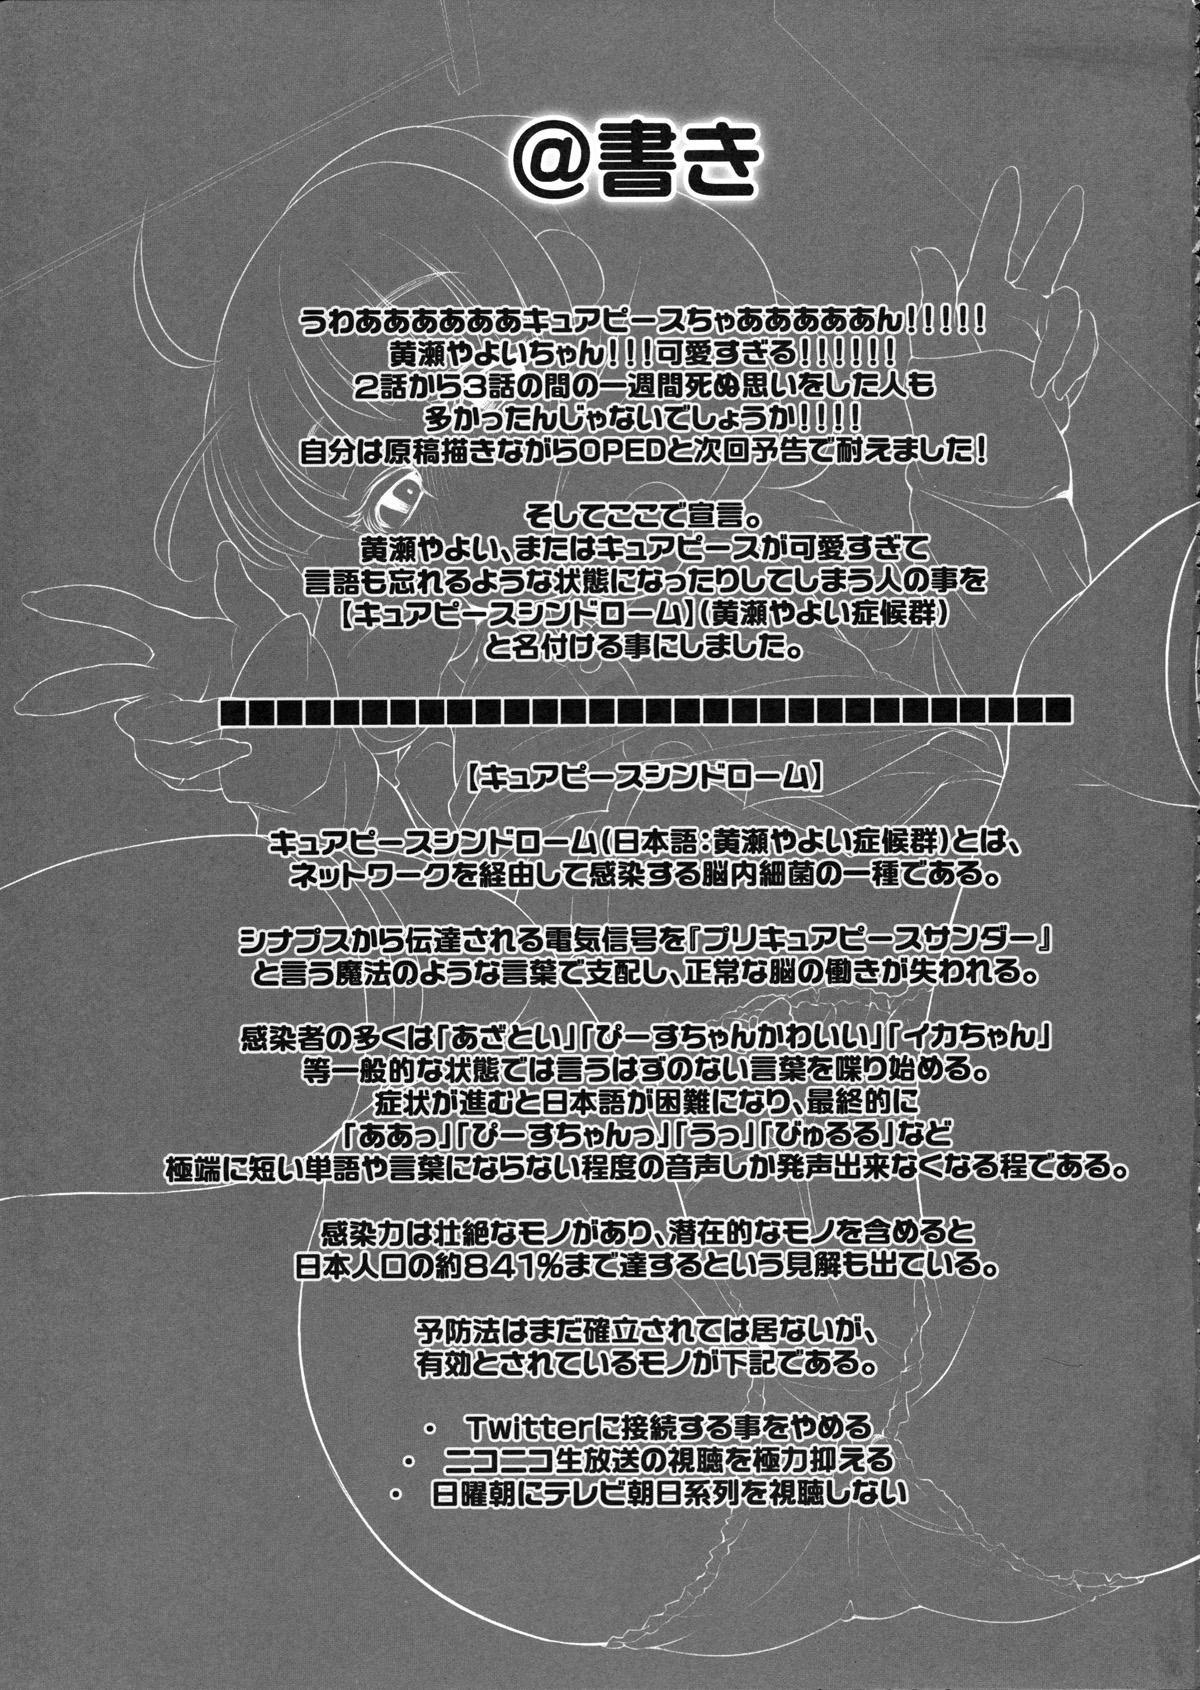 Yakusoku wa Mamoru mon 17